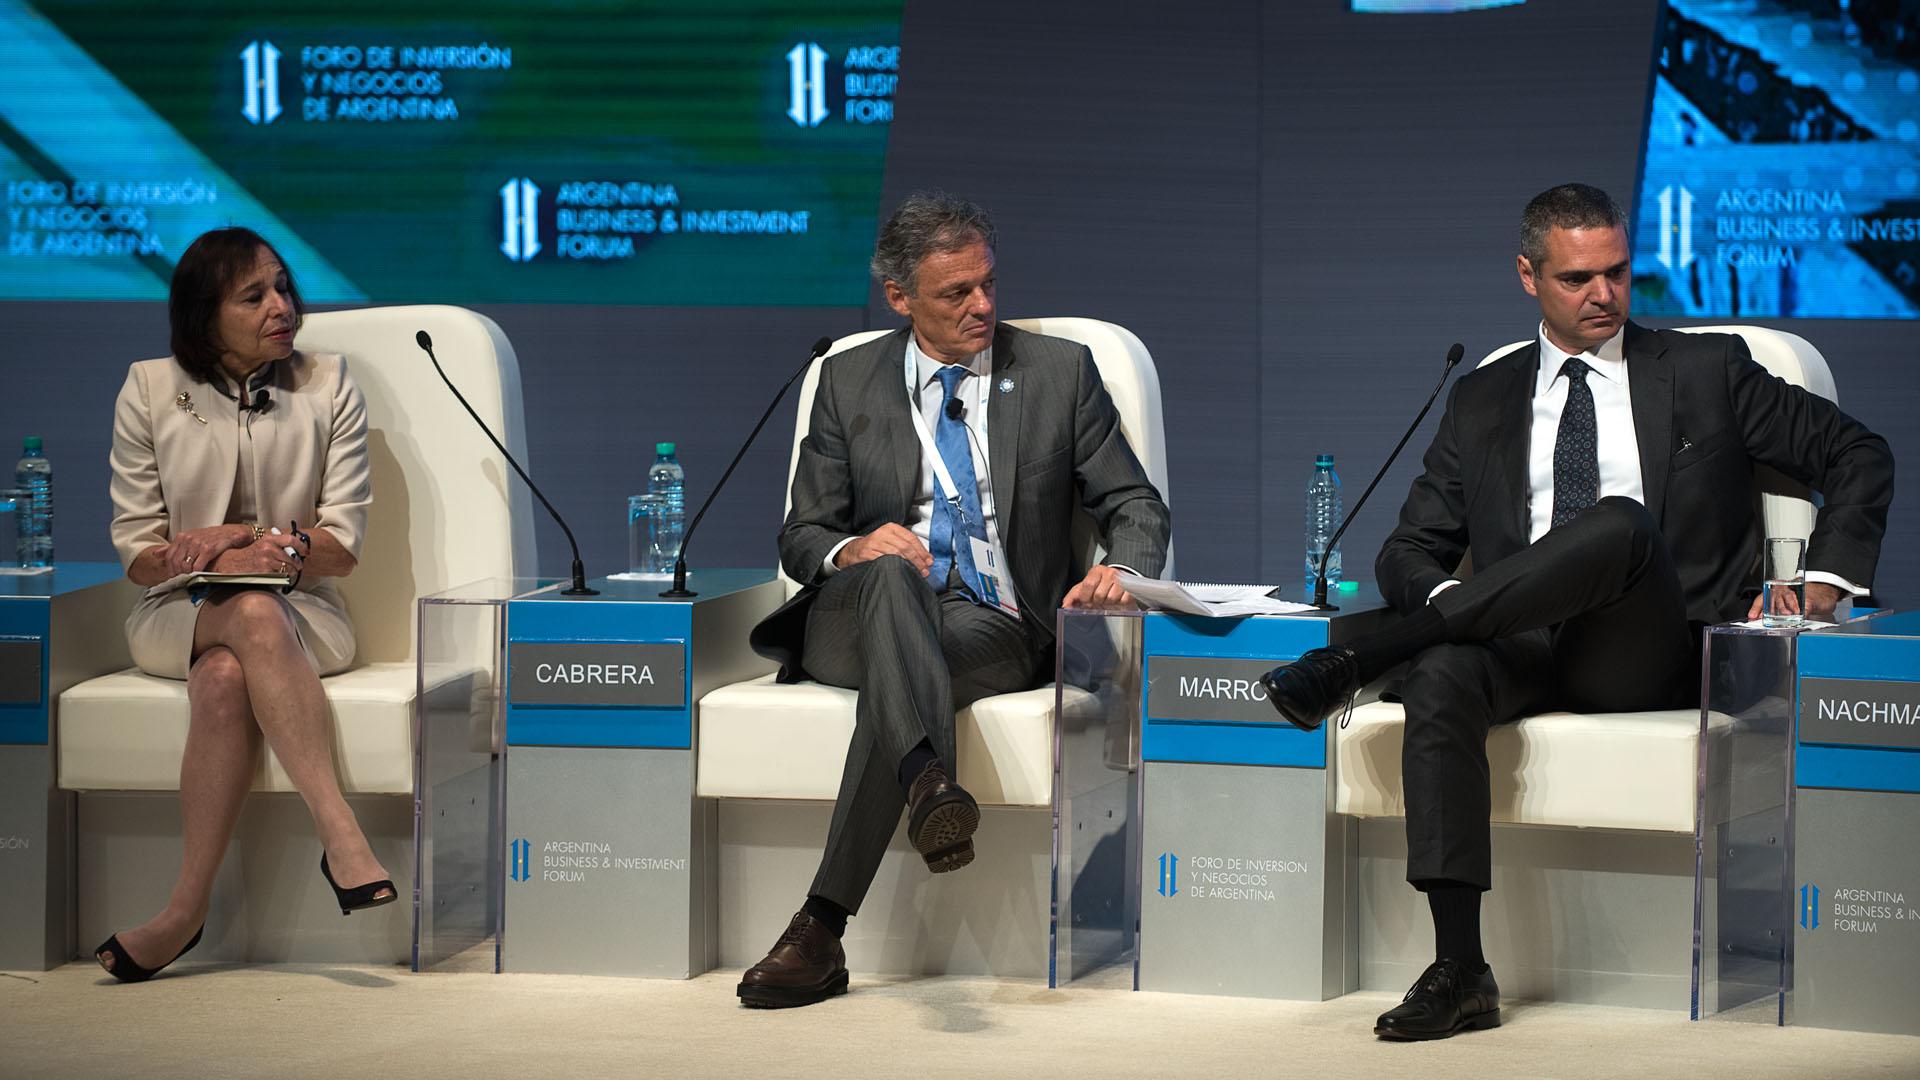 El ministro Francisco Cabrera y Martin Marron